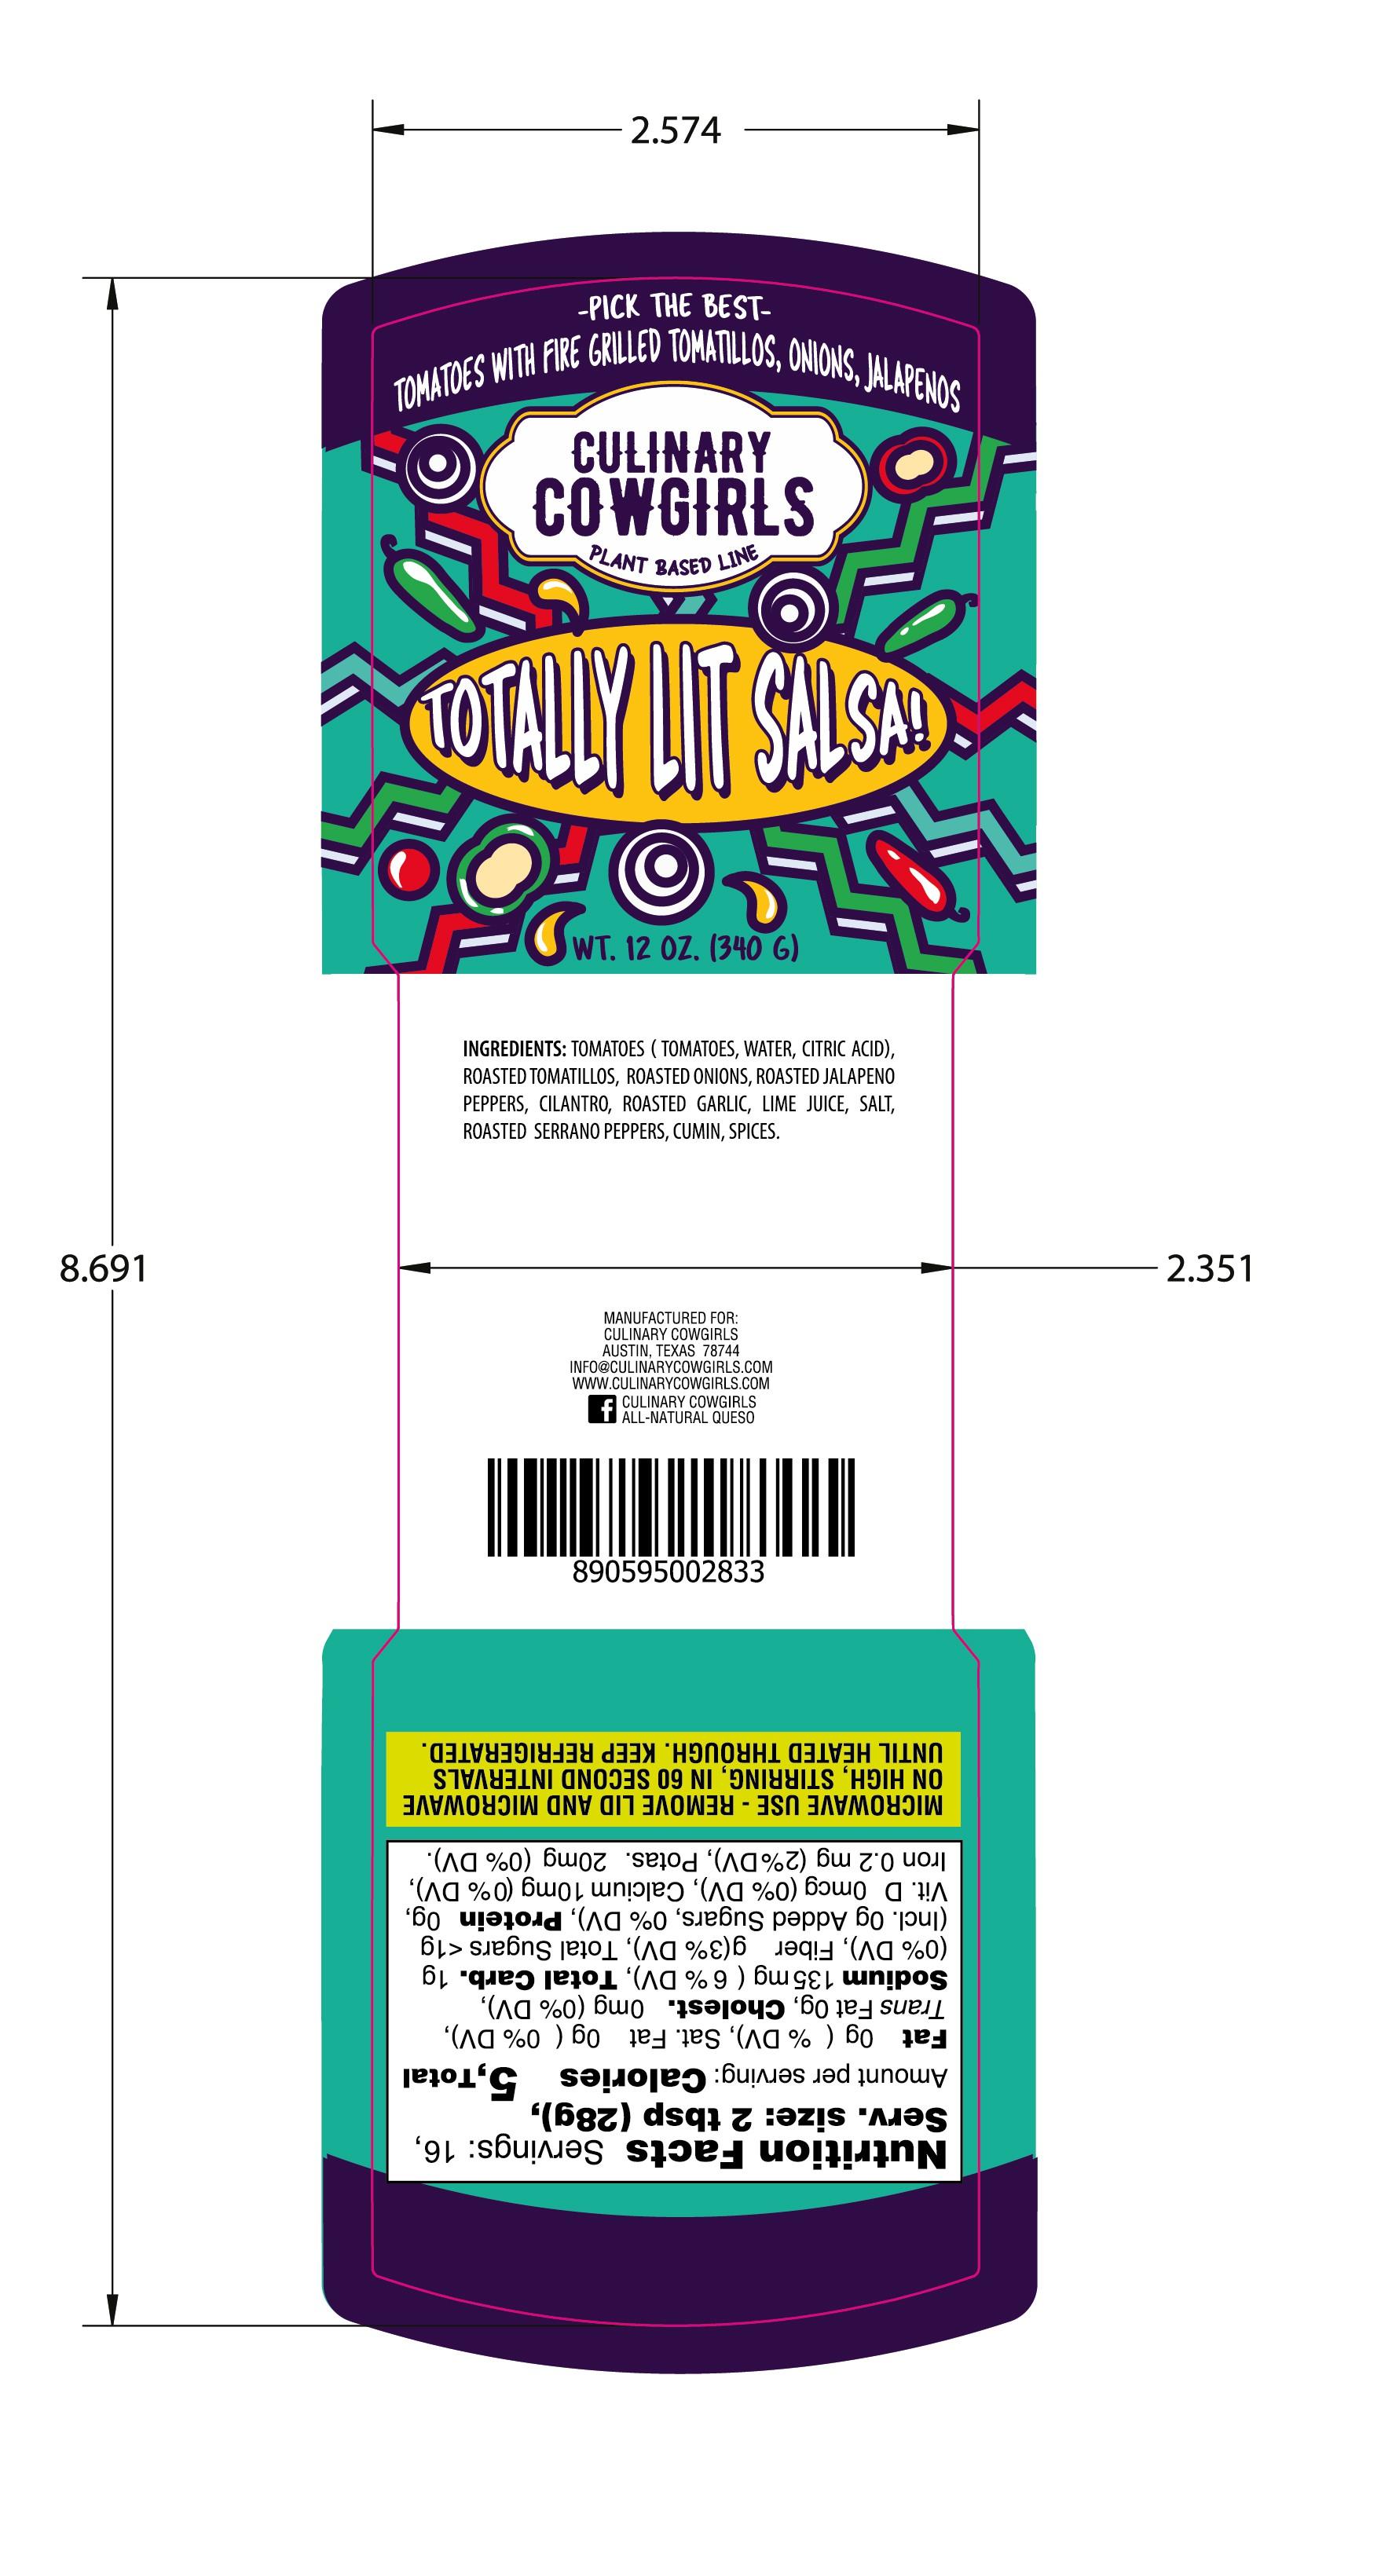 food label for national line